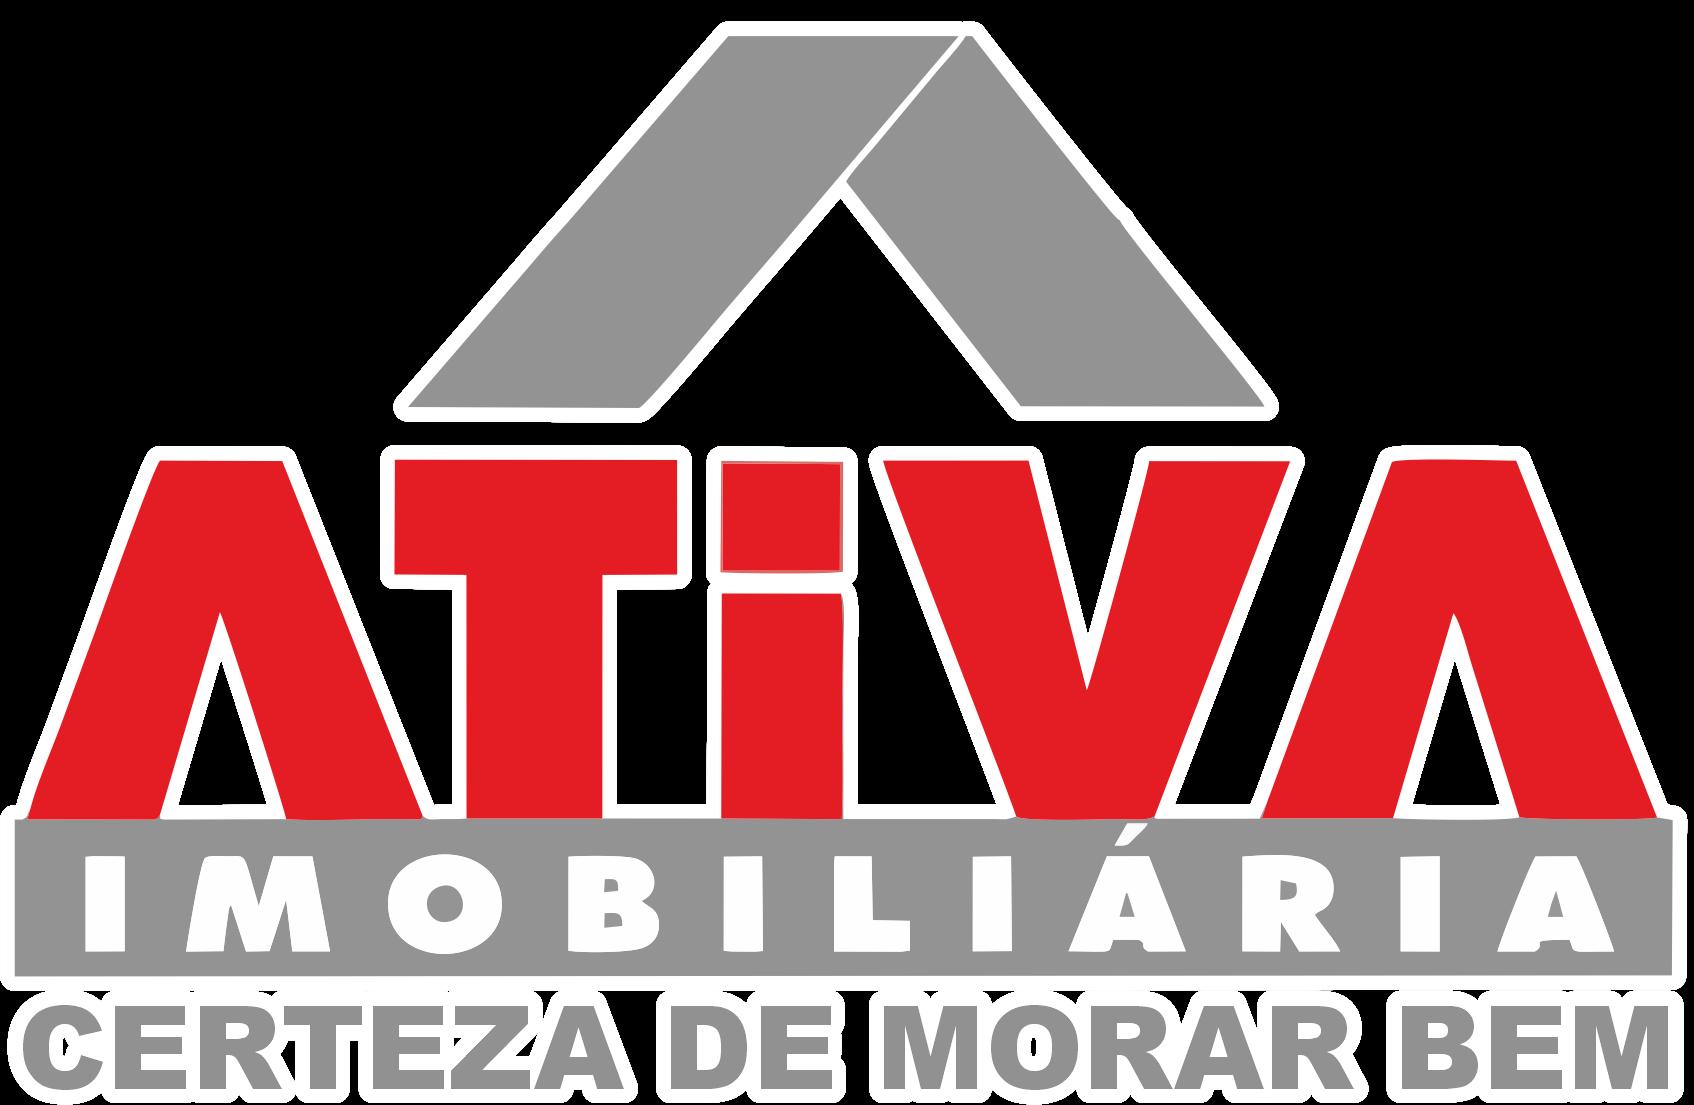 (c) Imobiliariaativa.net